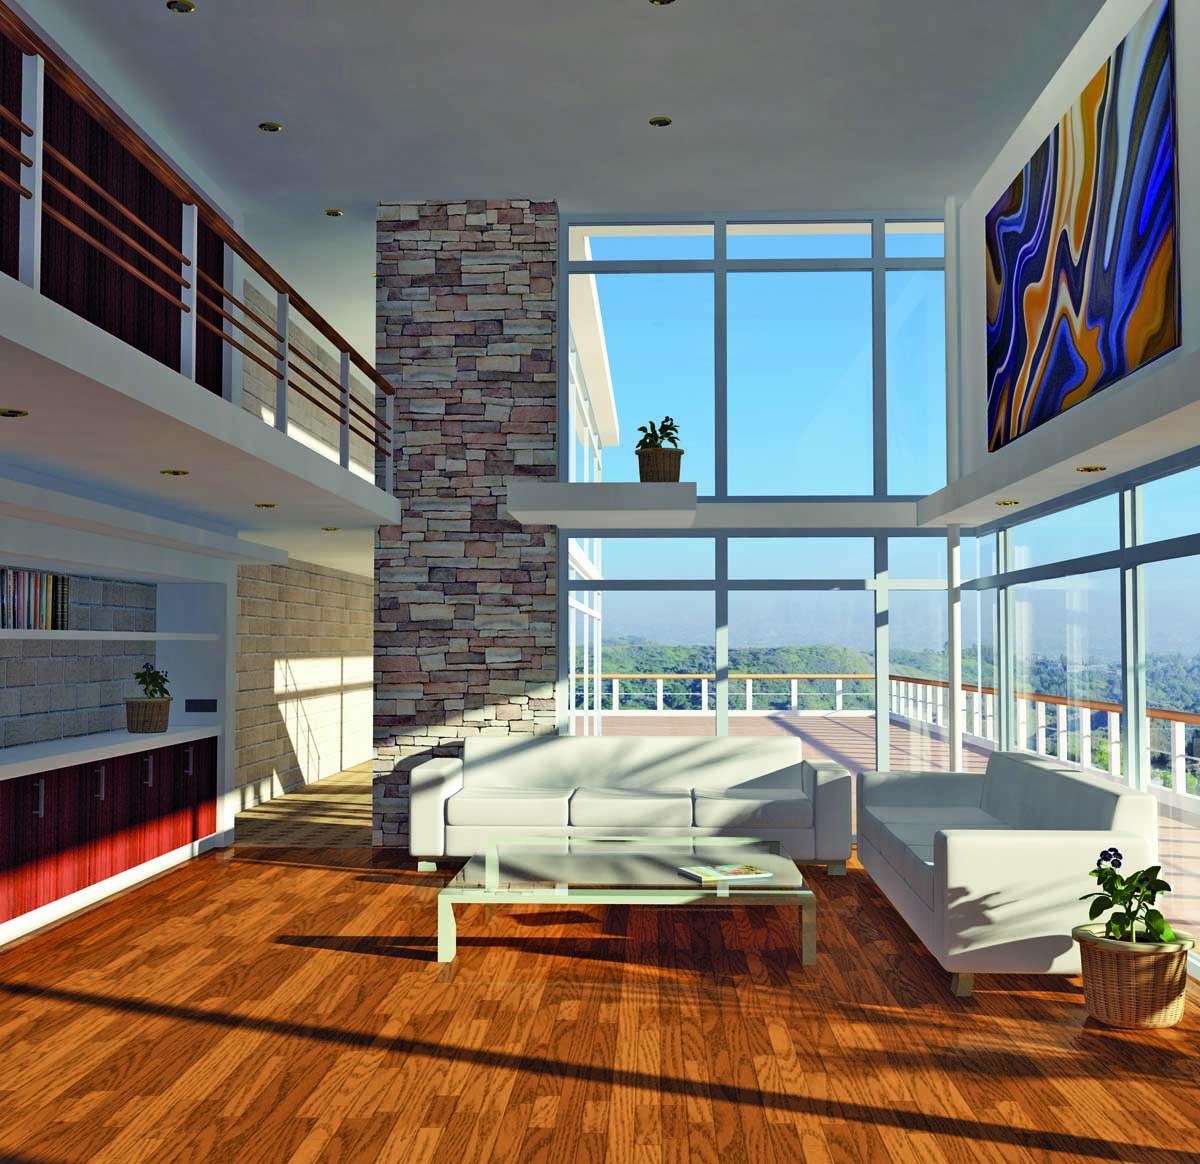 salon con ventanas y terraza